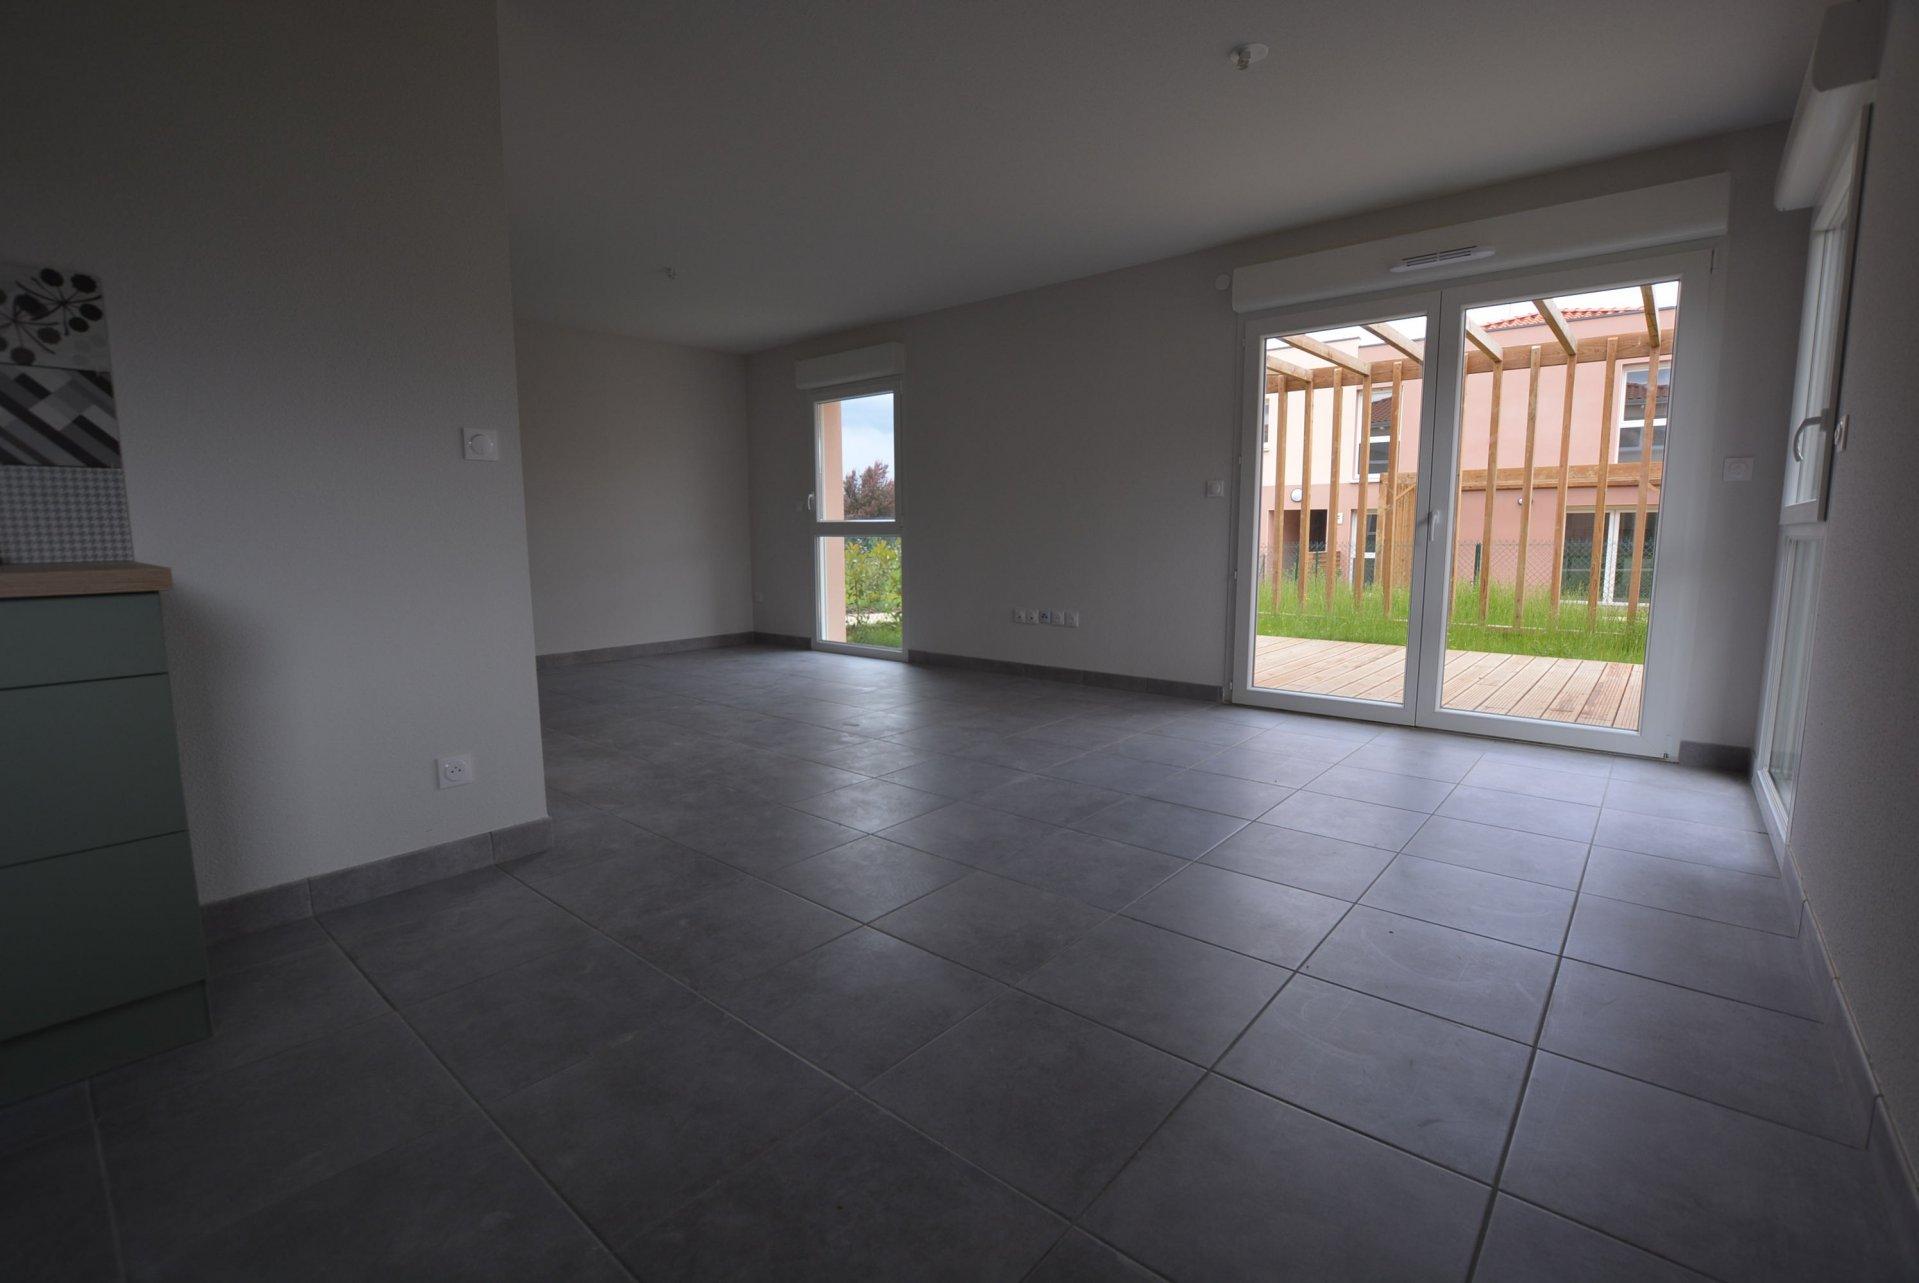 Location maison duplex neuve